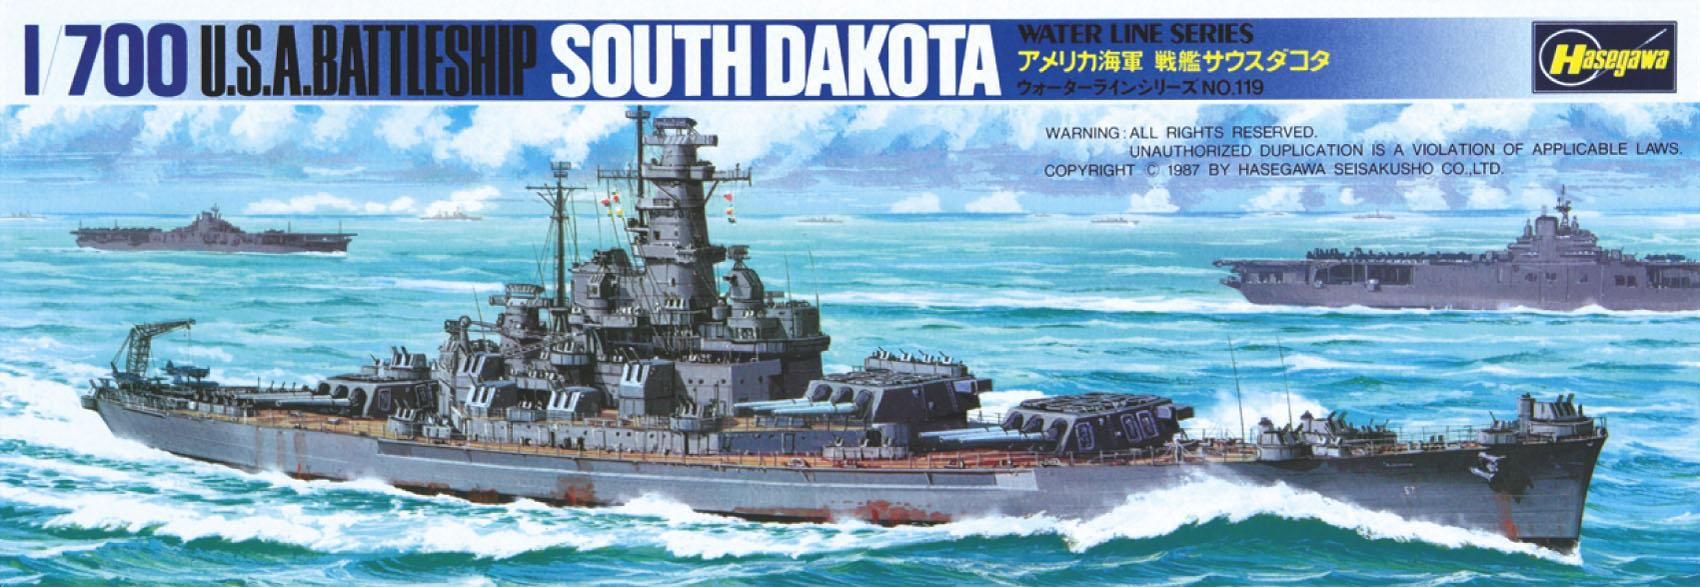 Hasegawa U.S. Battle Ship South Dakota